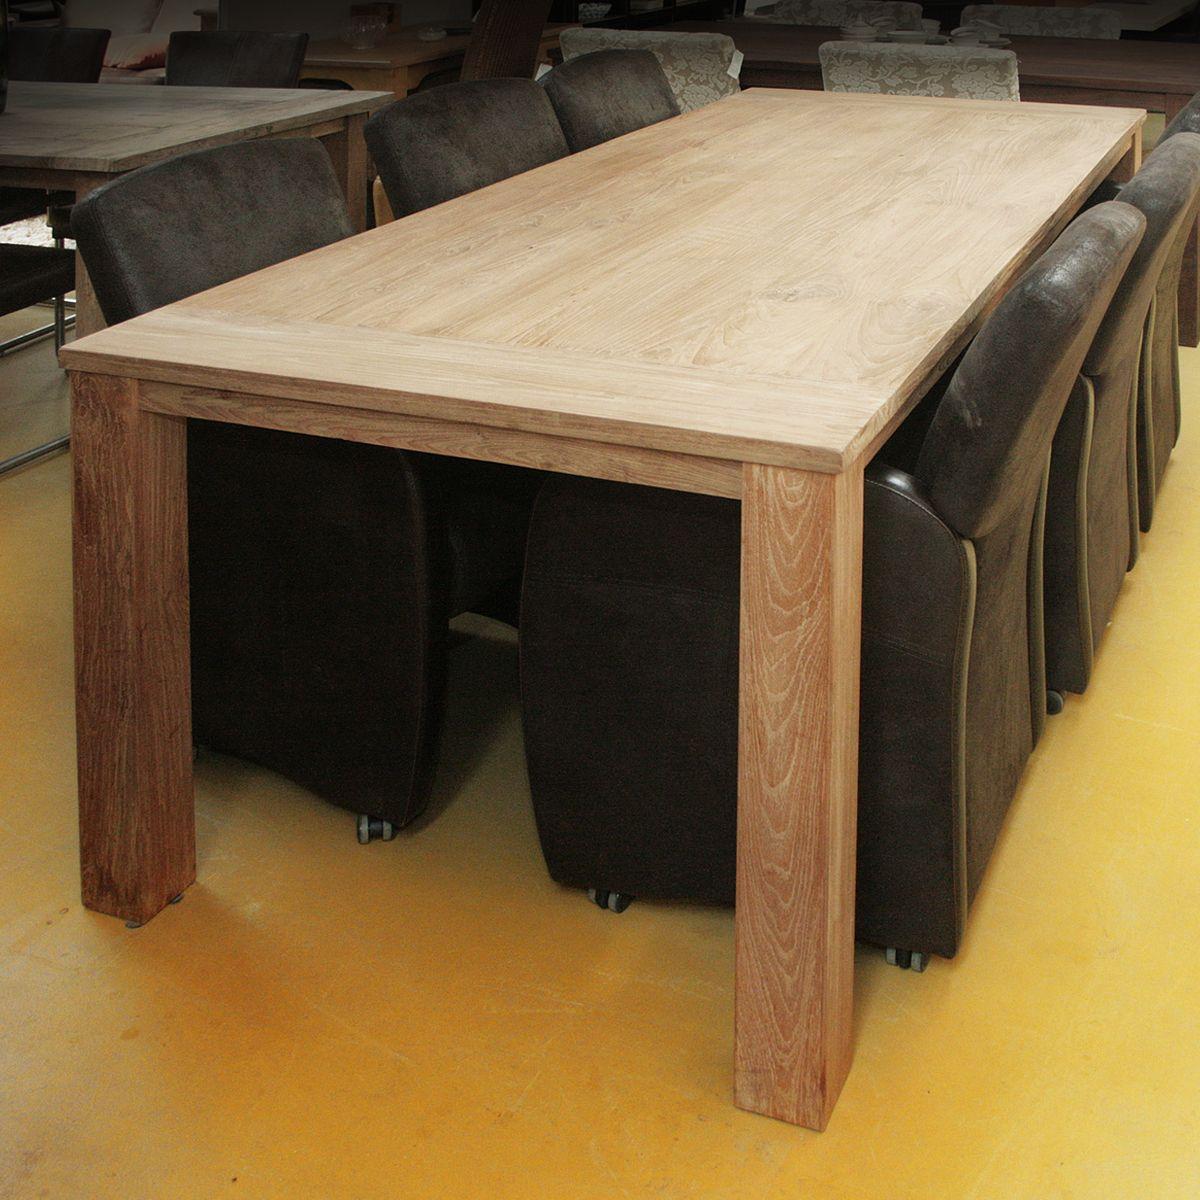 Eettafel teak oud hout gerard keune meubels op maat - Eettafel schans ...